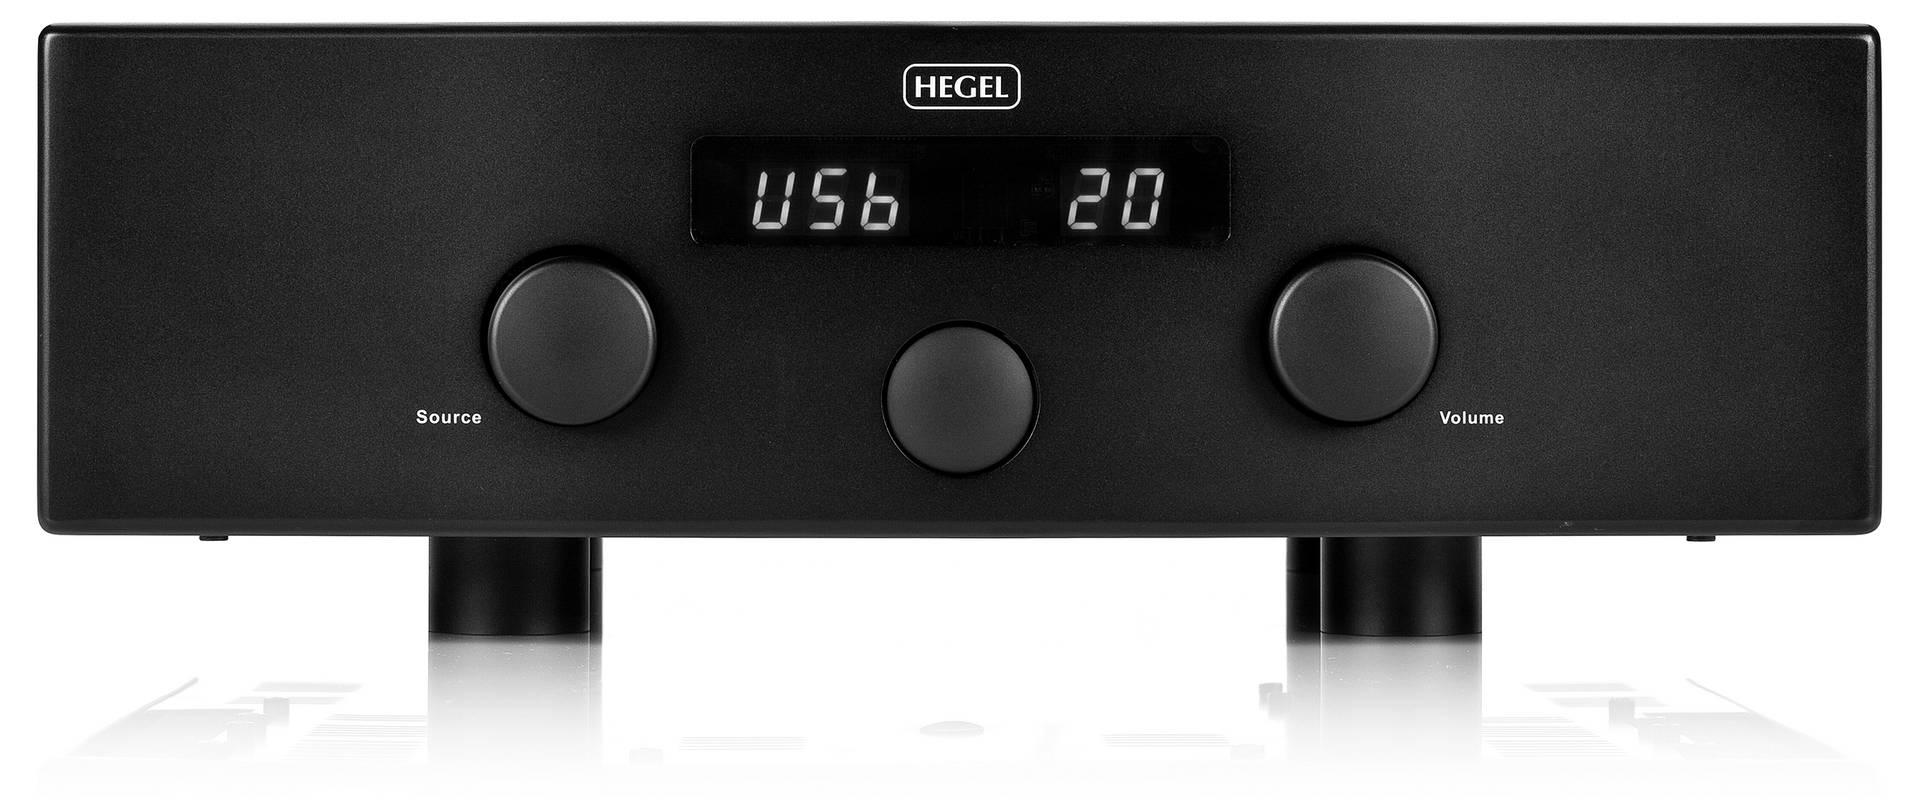 Hegel H300